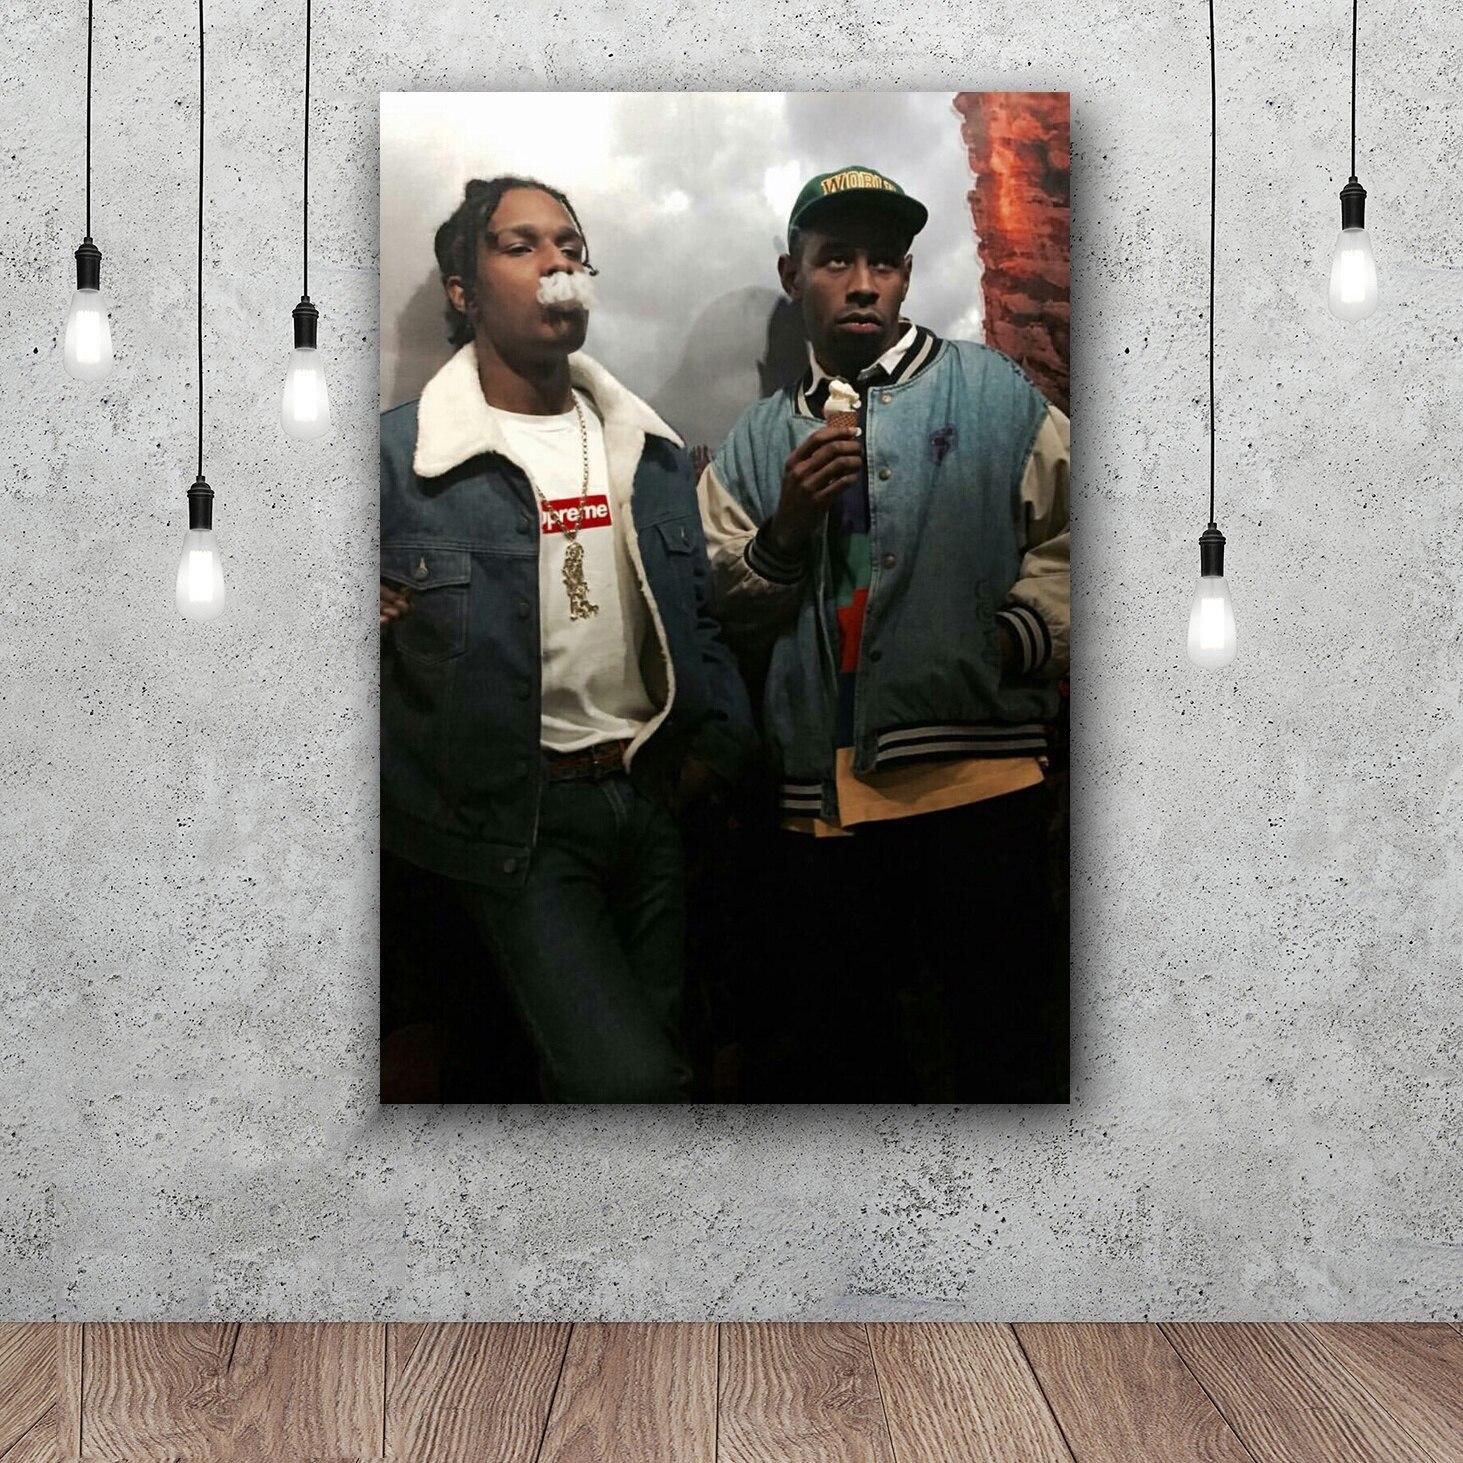 ASAP Rocky Und Tyler The Creator Art Silk Poster Wohnkultur 12x18 24x36 zoll